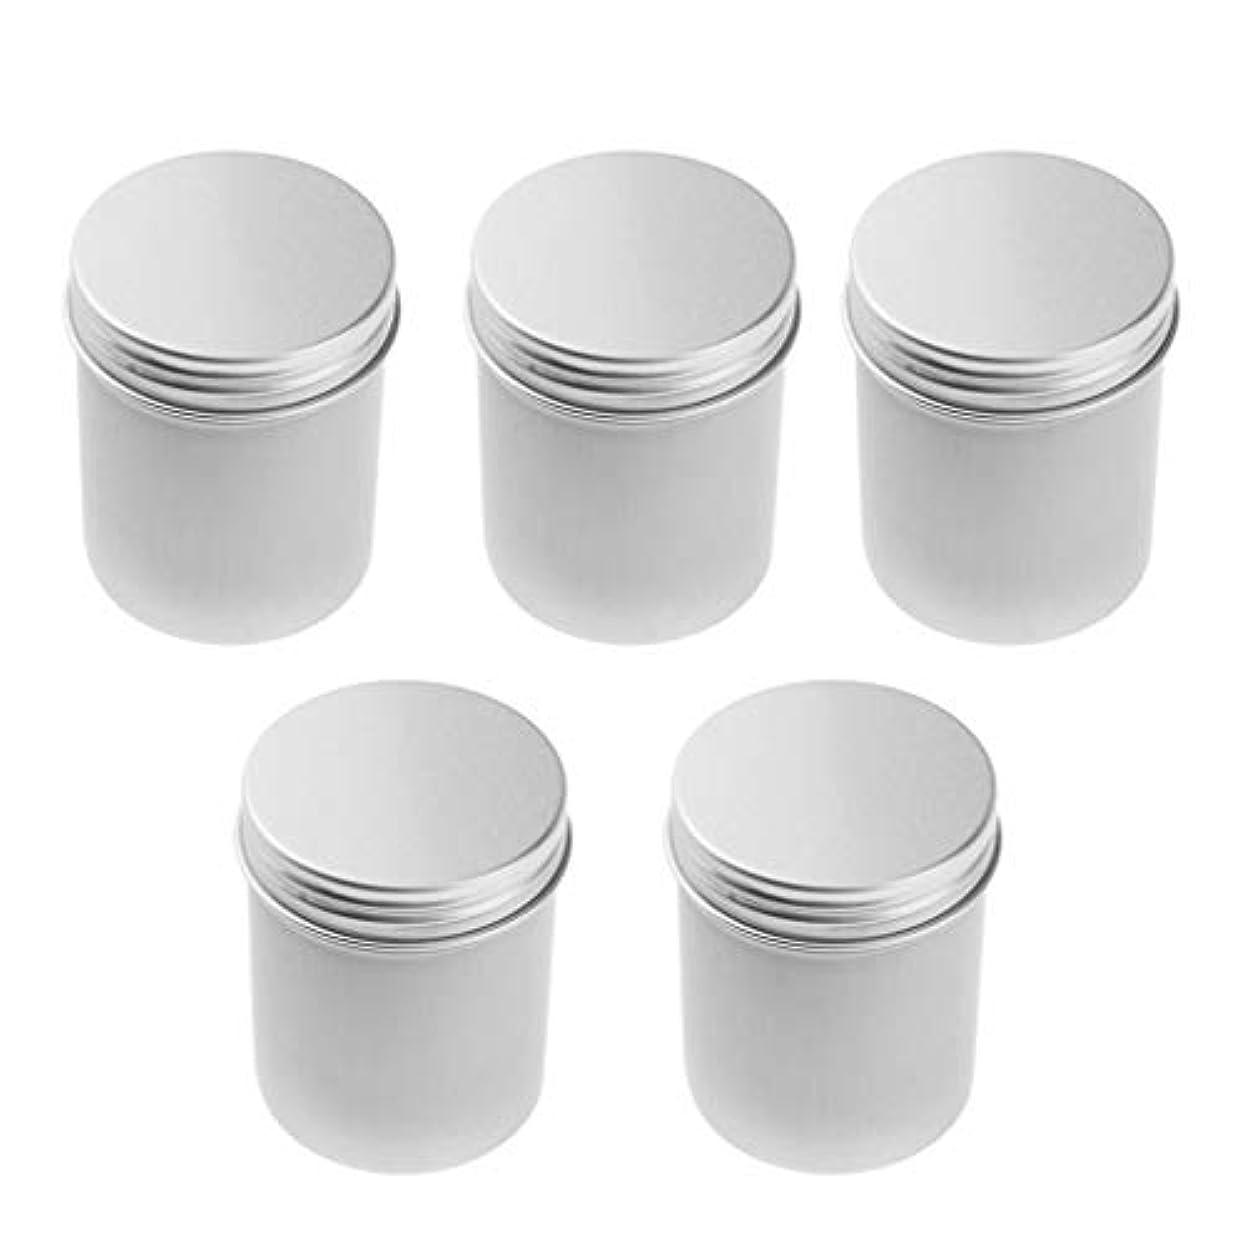 解釈するうぬぼれた安心IPOTCH アルミ缶 ポット コスメ 化粧品 詰替え容器 缶 ネジ蓋 高級アルミ製 5本 80ミリリットル 汎用